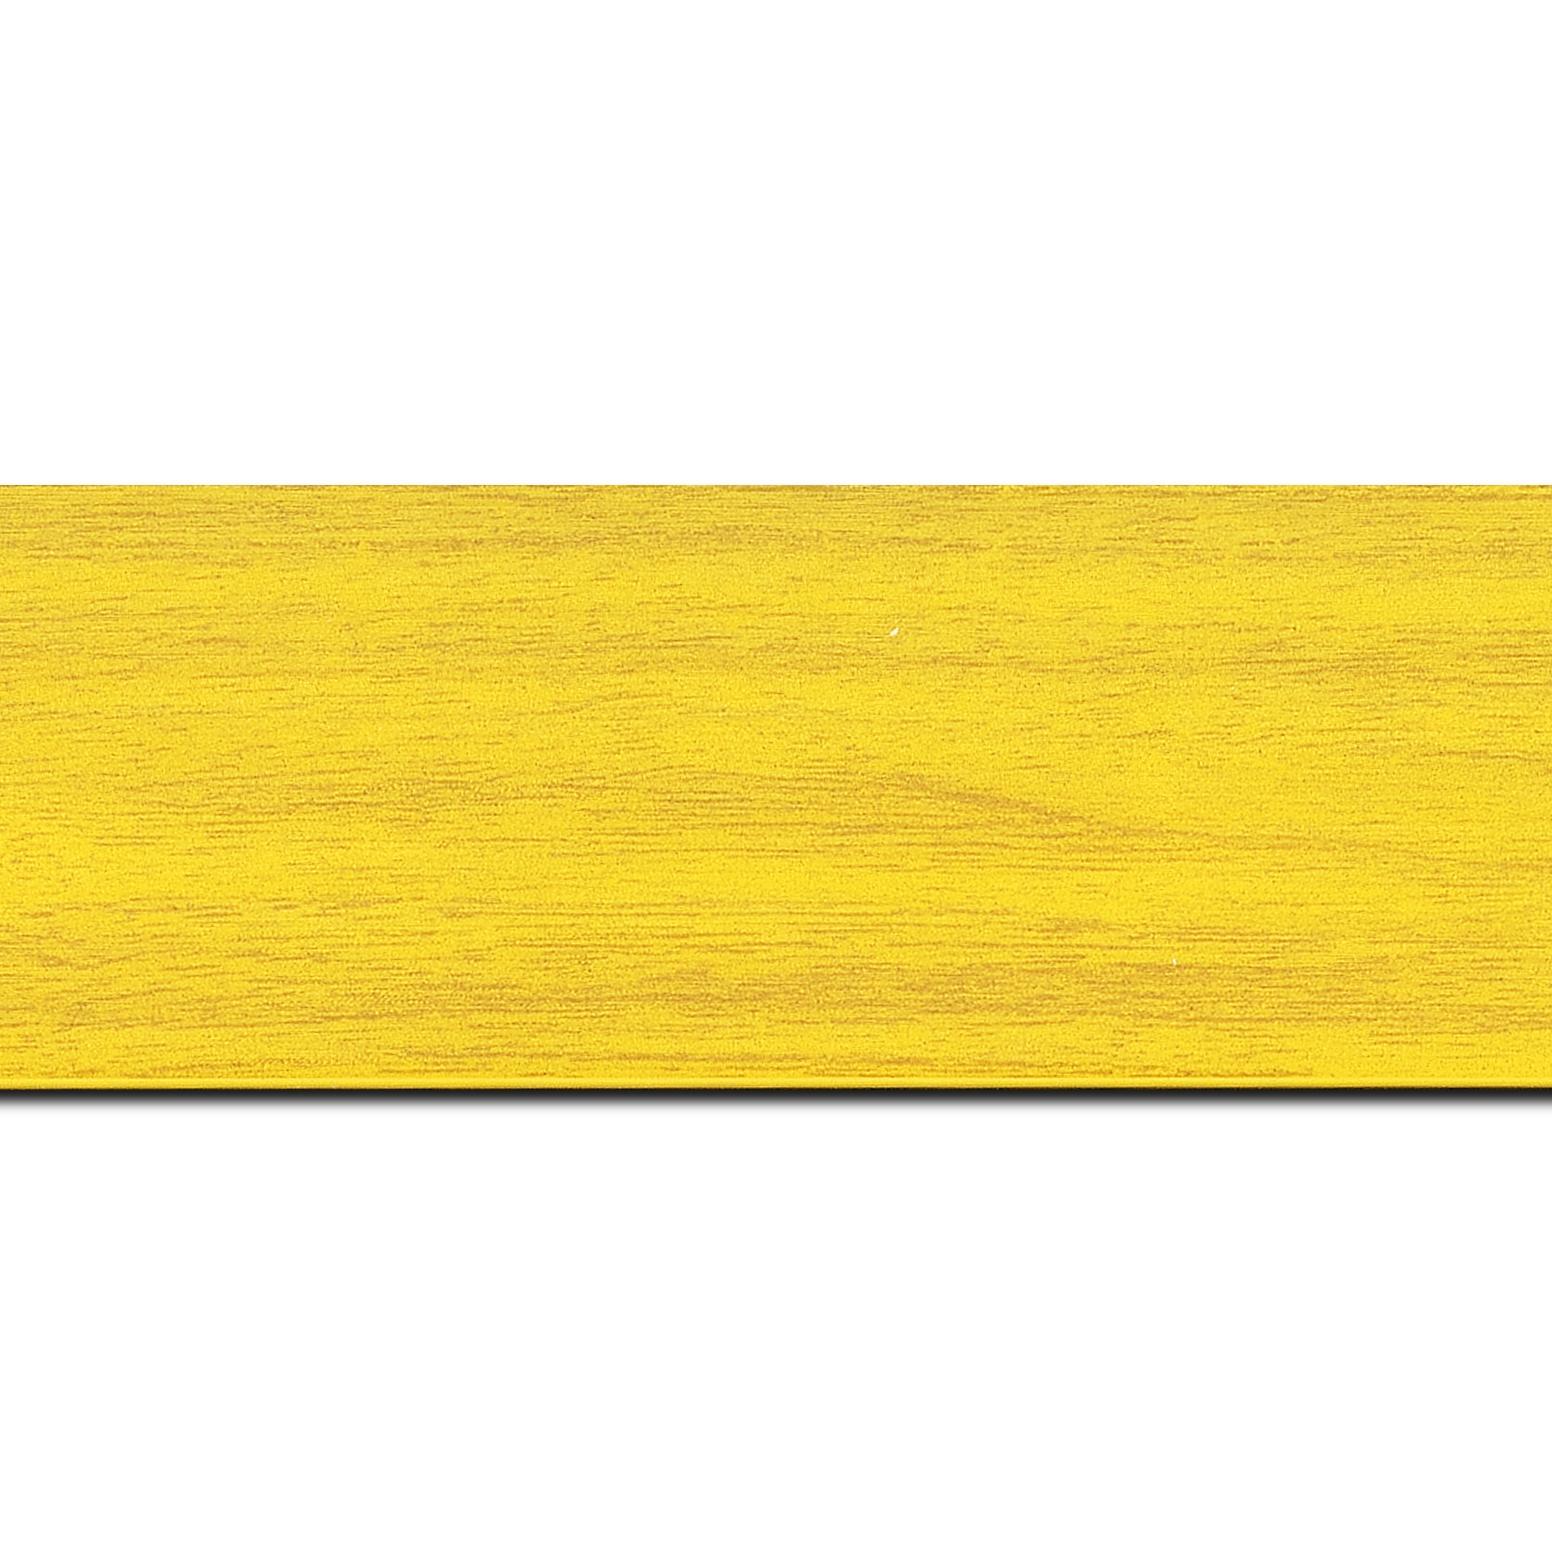 Pack par 12m, bois profil plat largeur 6cm jaune satiné effet veiné ,chant extérieur du cadre de couleur noire(longueur baguette pouvant varier entre 2.40m et 3m selon arrivage des bois)